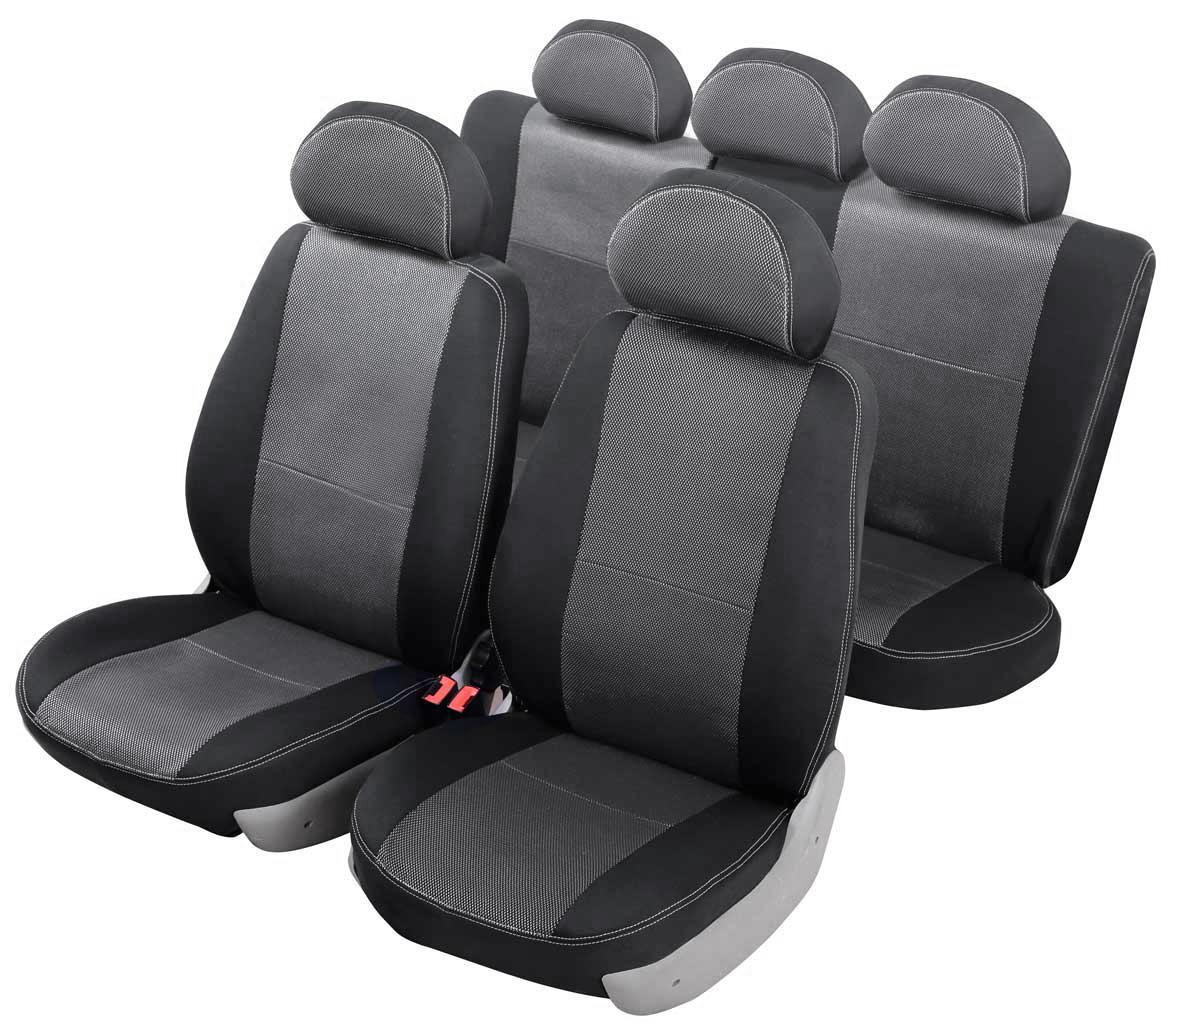 Чехлы автомобильные Senator Dakkar, для Hyundai Accent 2000-2012, седан94672Автомобильные чехлы Senator Dakkar изготовлены из качественного жаккарда, триплированного огнеупорным поролоном толщиной 5 мм, за счет чего чехол приобретает дополнительную мягкость. Подложка из спанбонда сохраняет свойства поролона и предотвращает его разрушение. Водительское сиденье имеет усиленные швы, все внутренние соединительные швы обработаны оверлоком. Чехлы идеально повторяют штатную форму сидений и выглядят как оригинальная обивка сидений. Разработаны индивидуально для каждой модели автомобиля. Дизайн чехлов Senator Dakkar приближен к оригинальной обивке салона. Жаккардовый материал расположен в центральной части сидений и спинок, а также на подголовниках. Декоративная контрастная прострочка по периметру авточехлов придает стильный и изысканный внешний вид интерьеру автомобиля. В спинках передних сидений расположены карманы, закрывающиеся на молнию. Чехлы сохраняют полную функциональность салона - трансформация сидений, возможность установки детских кресел ISOFIX, не препятствуют работе подушек безопасности AIRBAG и подогреву сидений. Для простоты установки используется липучка Velcro, учтены все технологические отверстия. Авточехлы Senator Dakkar просты в уходе - загрязнения легко удаляются влажной тканью. Чехлы имеют раздельную схему надевания. Чехлы задних сидений закрывают всю поверхность, включая тыльную сторону спинки (со стороны багажника).